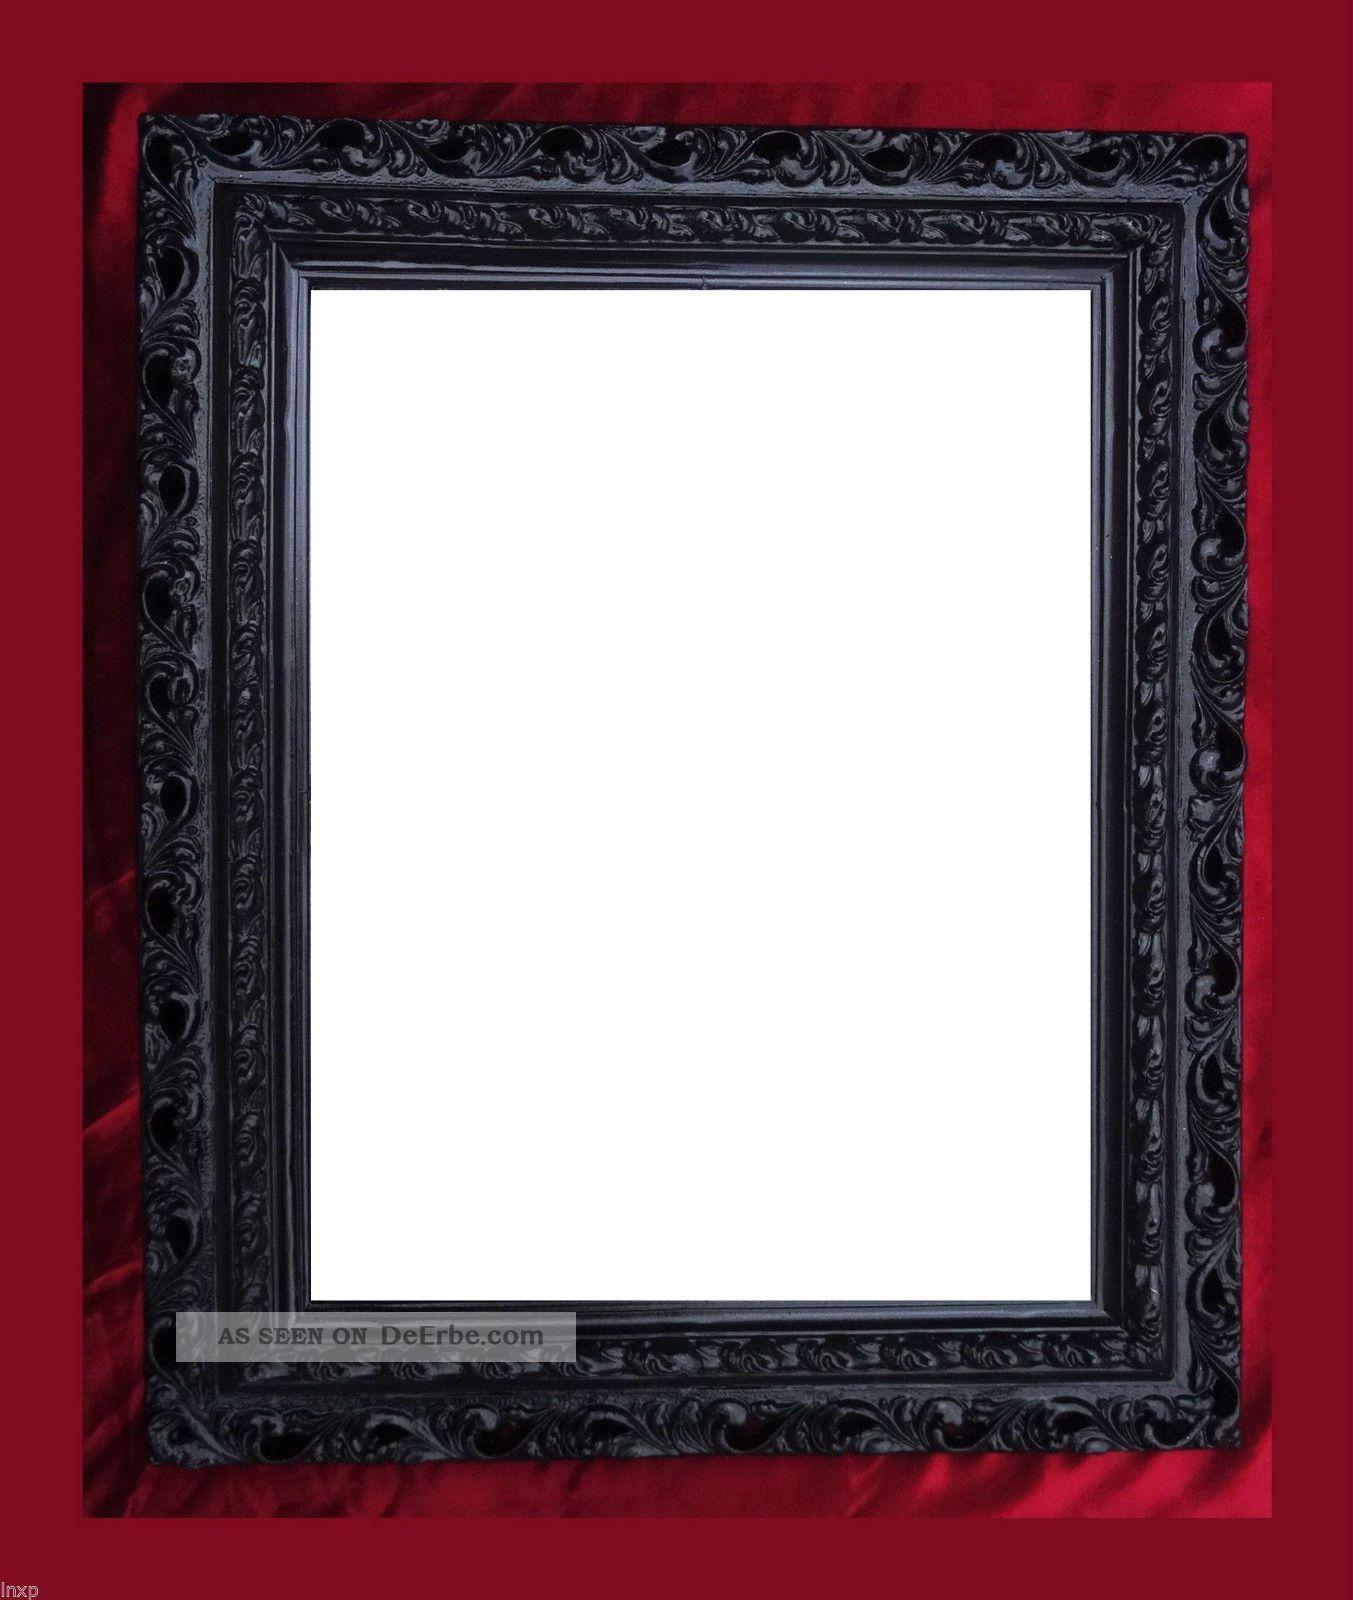 Erfreut Barock Bilder Bulk Galerie - Benutzerdefinierte Bilderrahmen ...